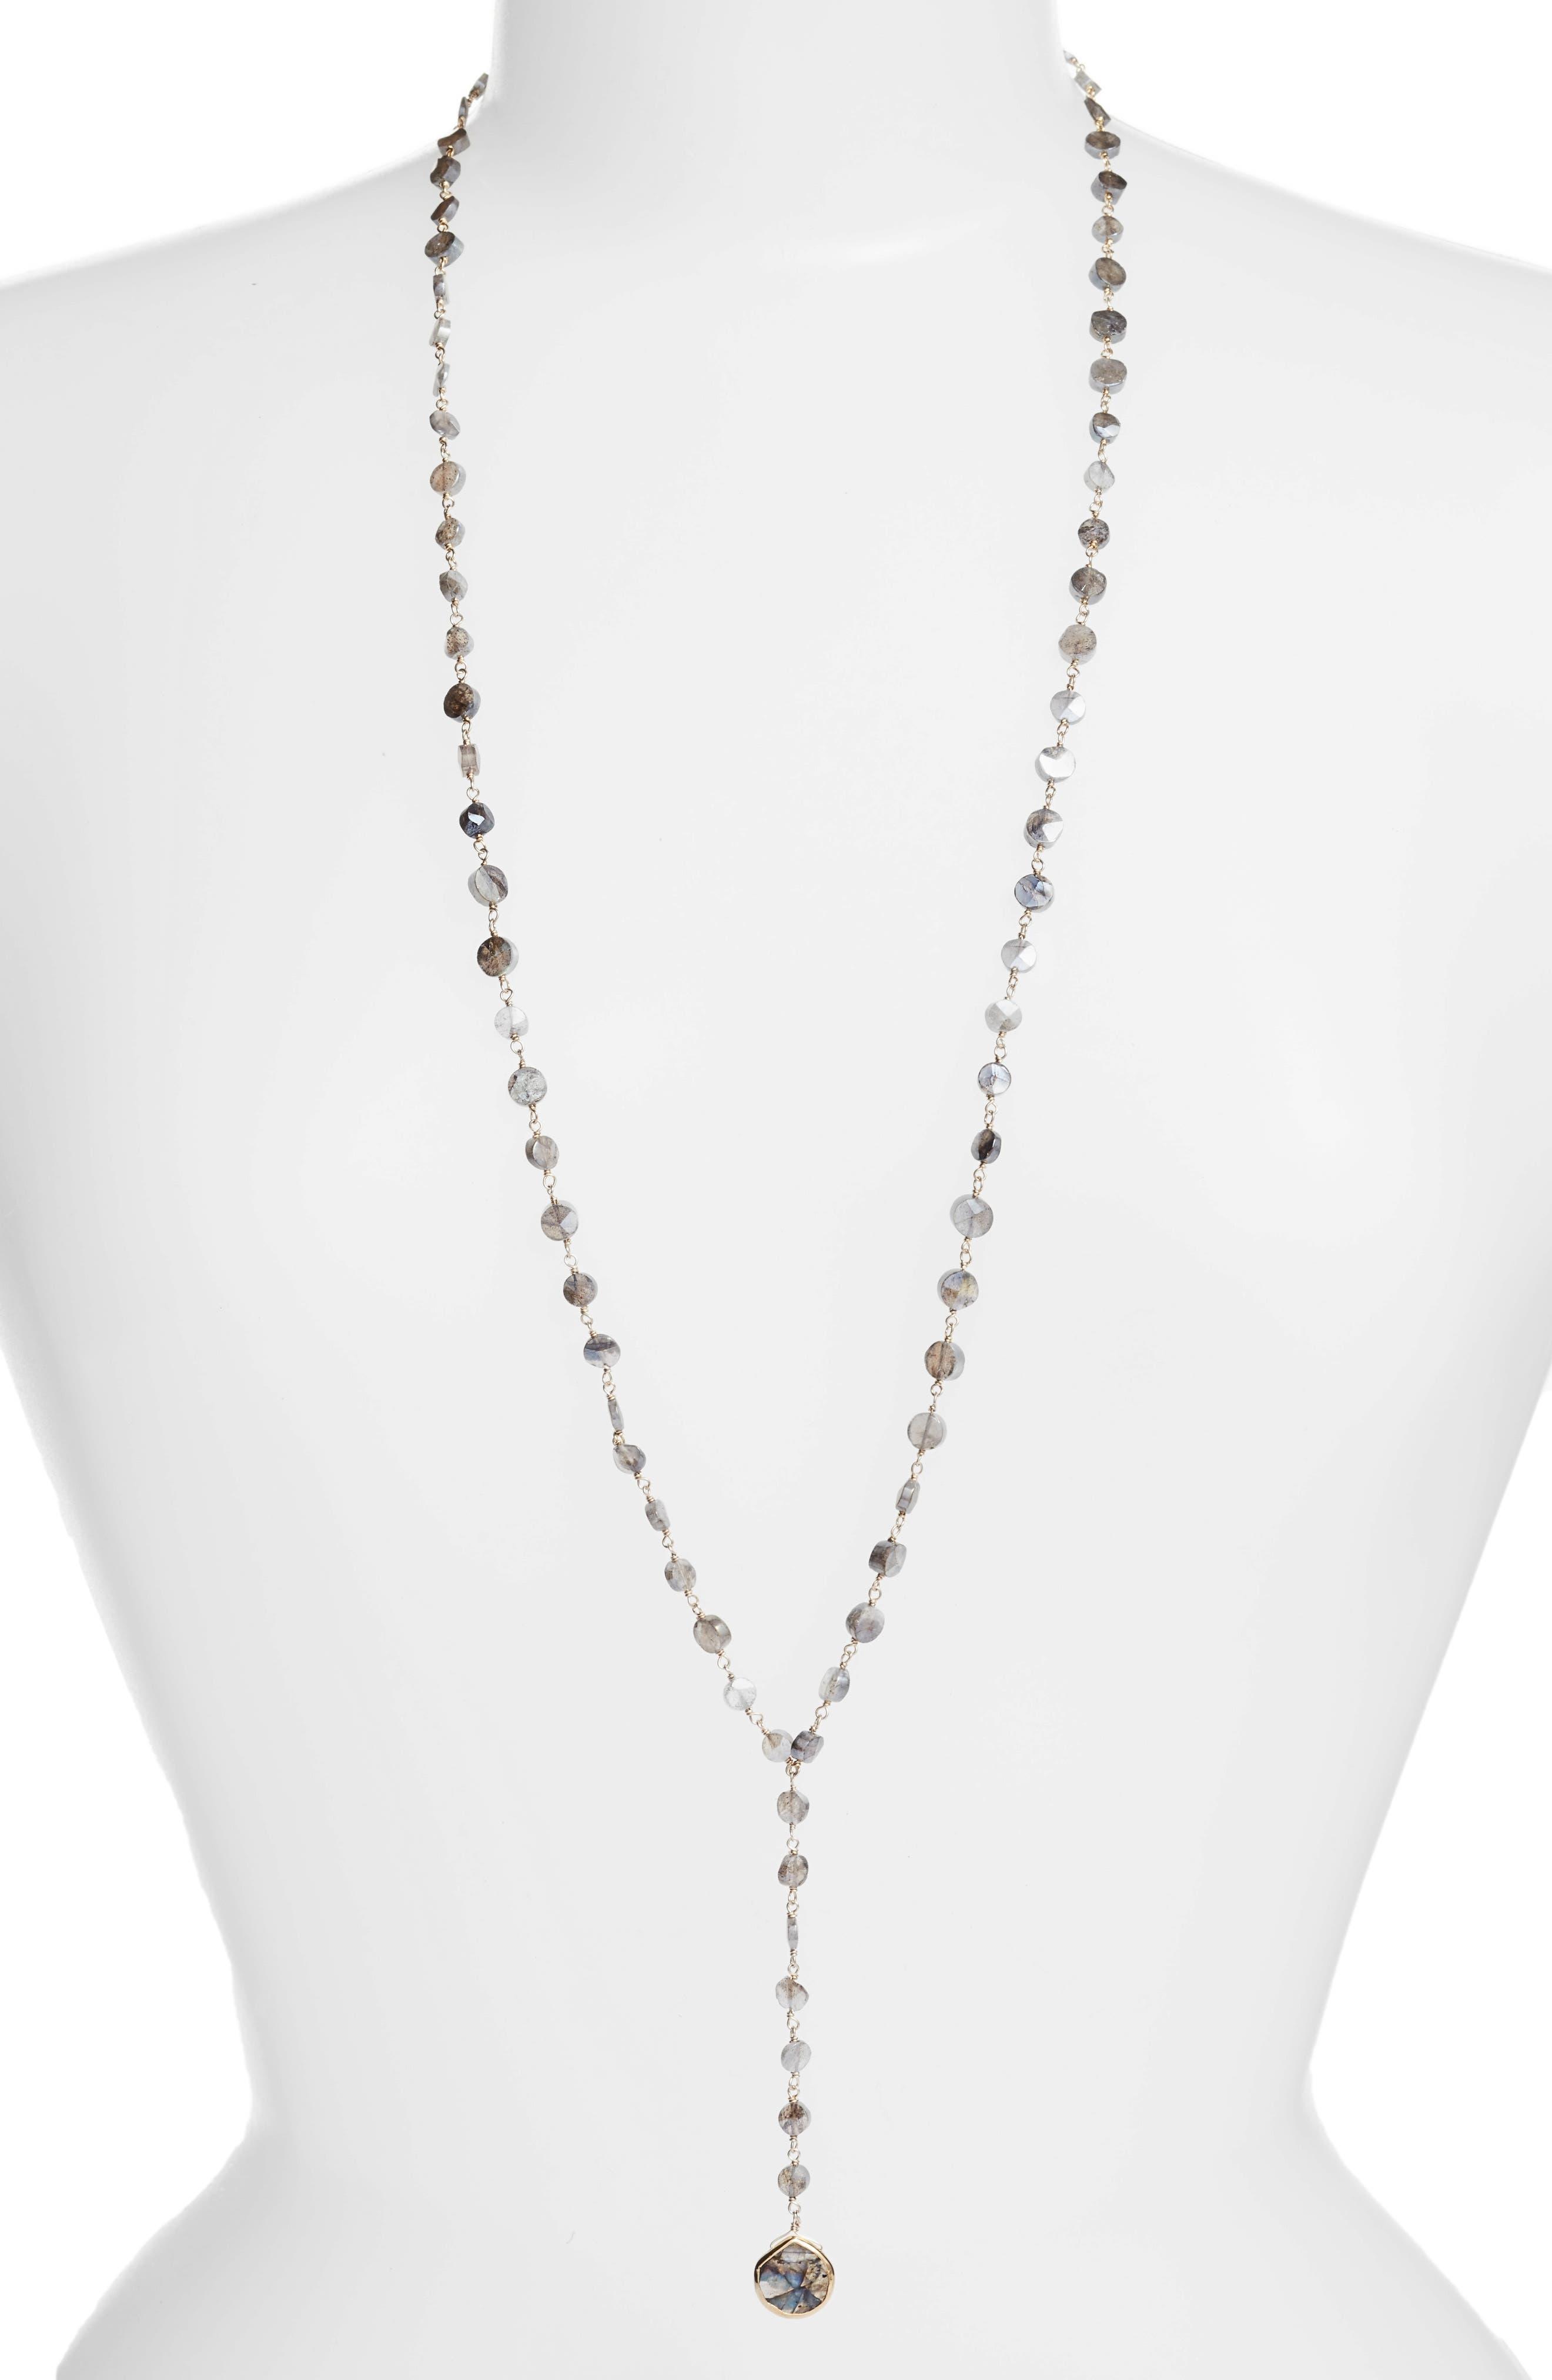 Yaeli Coin Semiprecious Stone Y-Necklace,                         Main,                         color, Mystic Labradorite